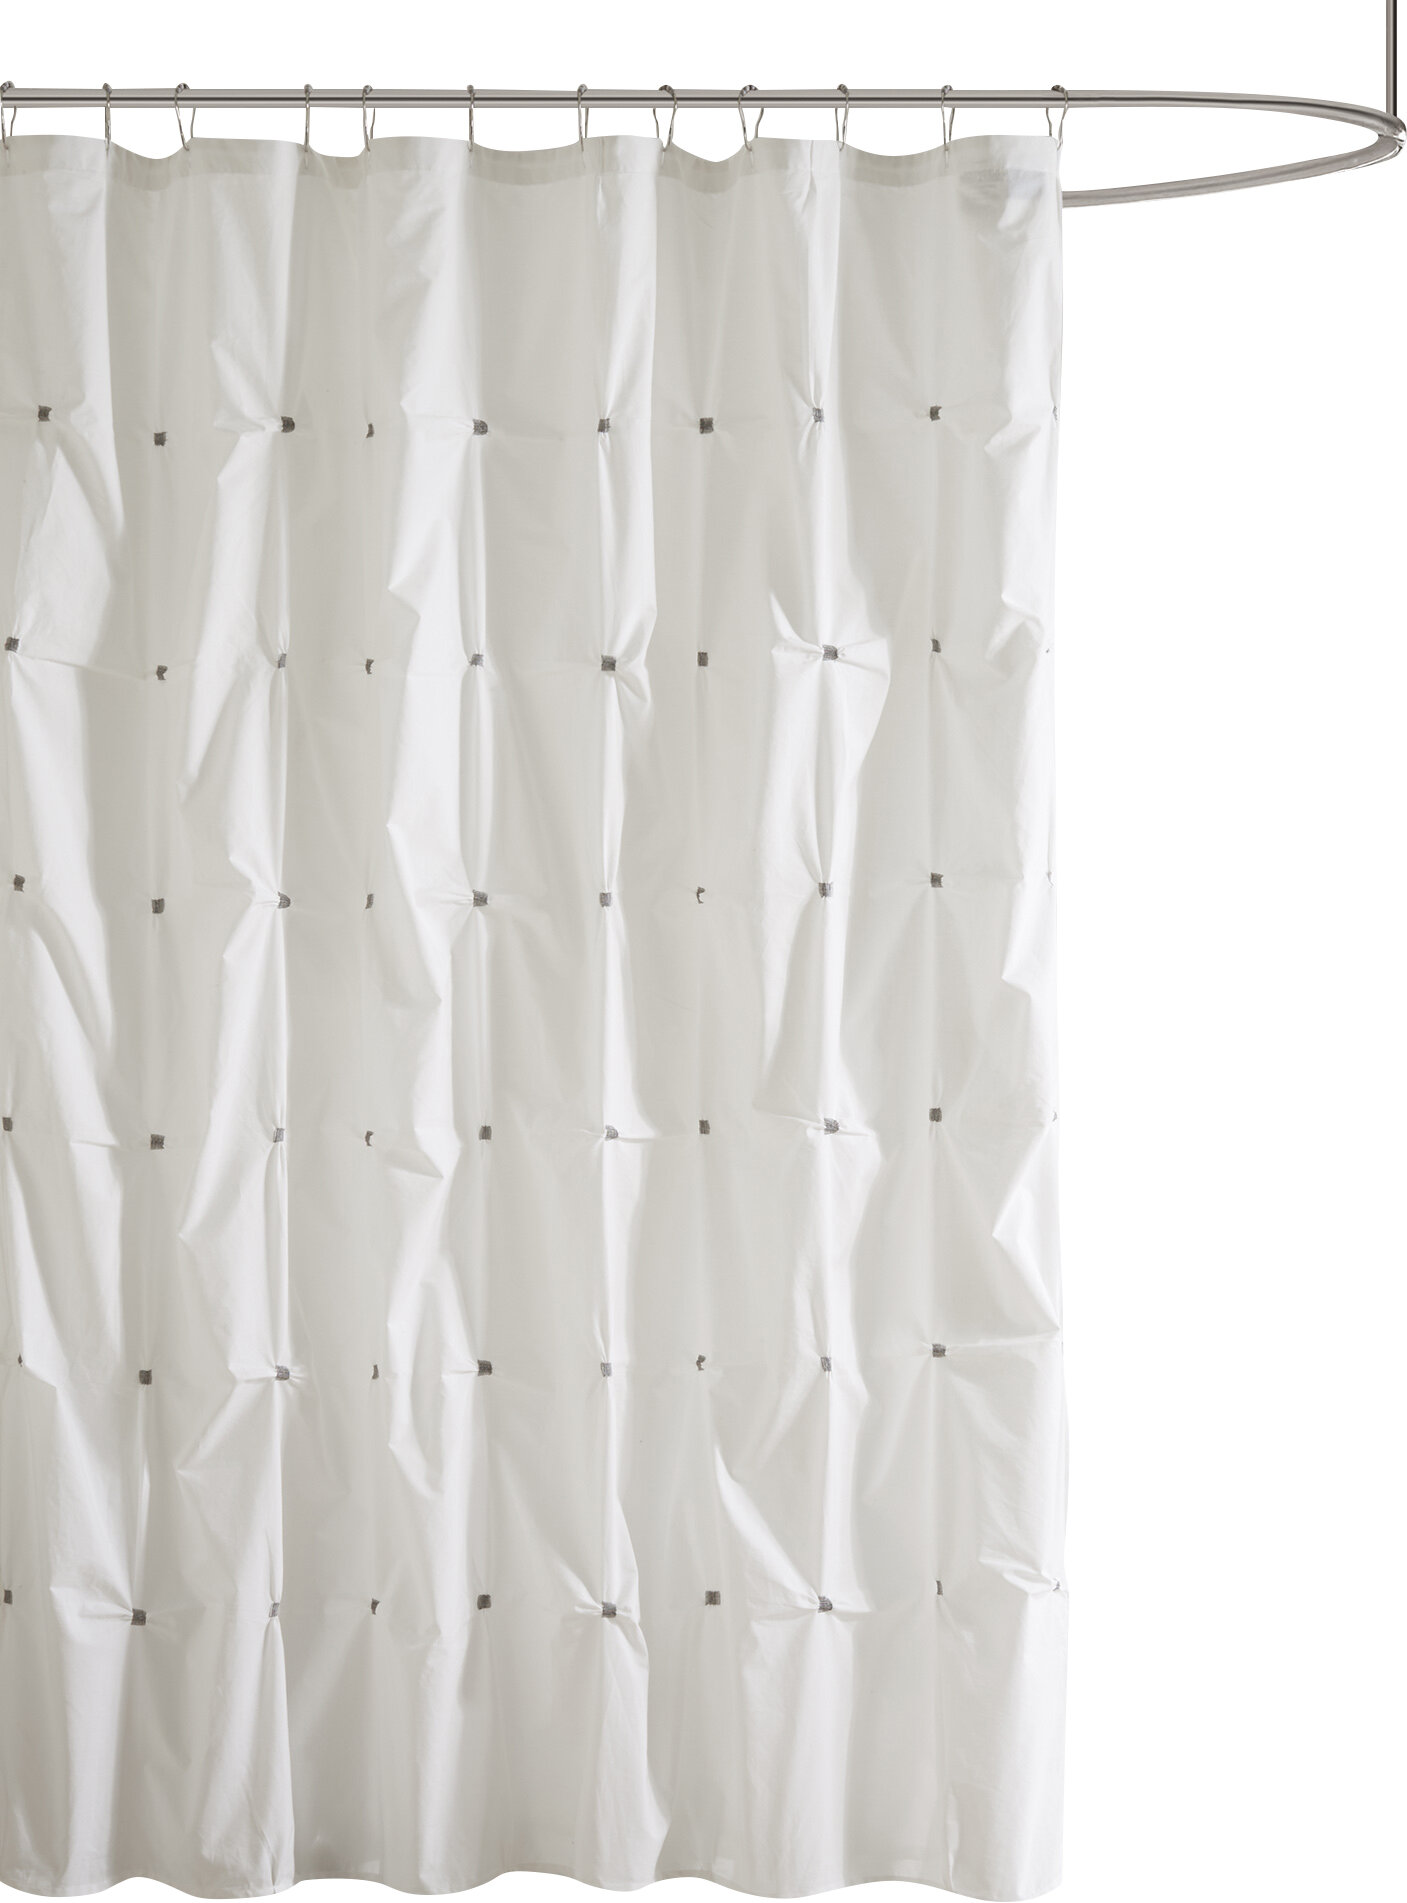 Ellesmere Port Cotton Shower Curtain Reviews